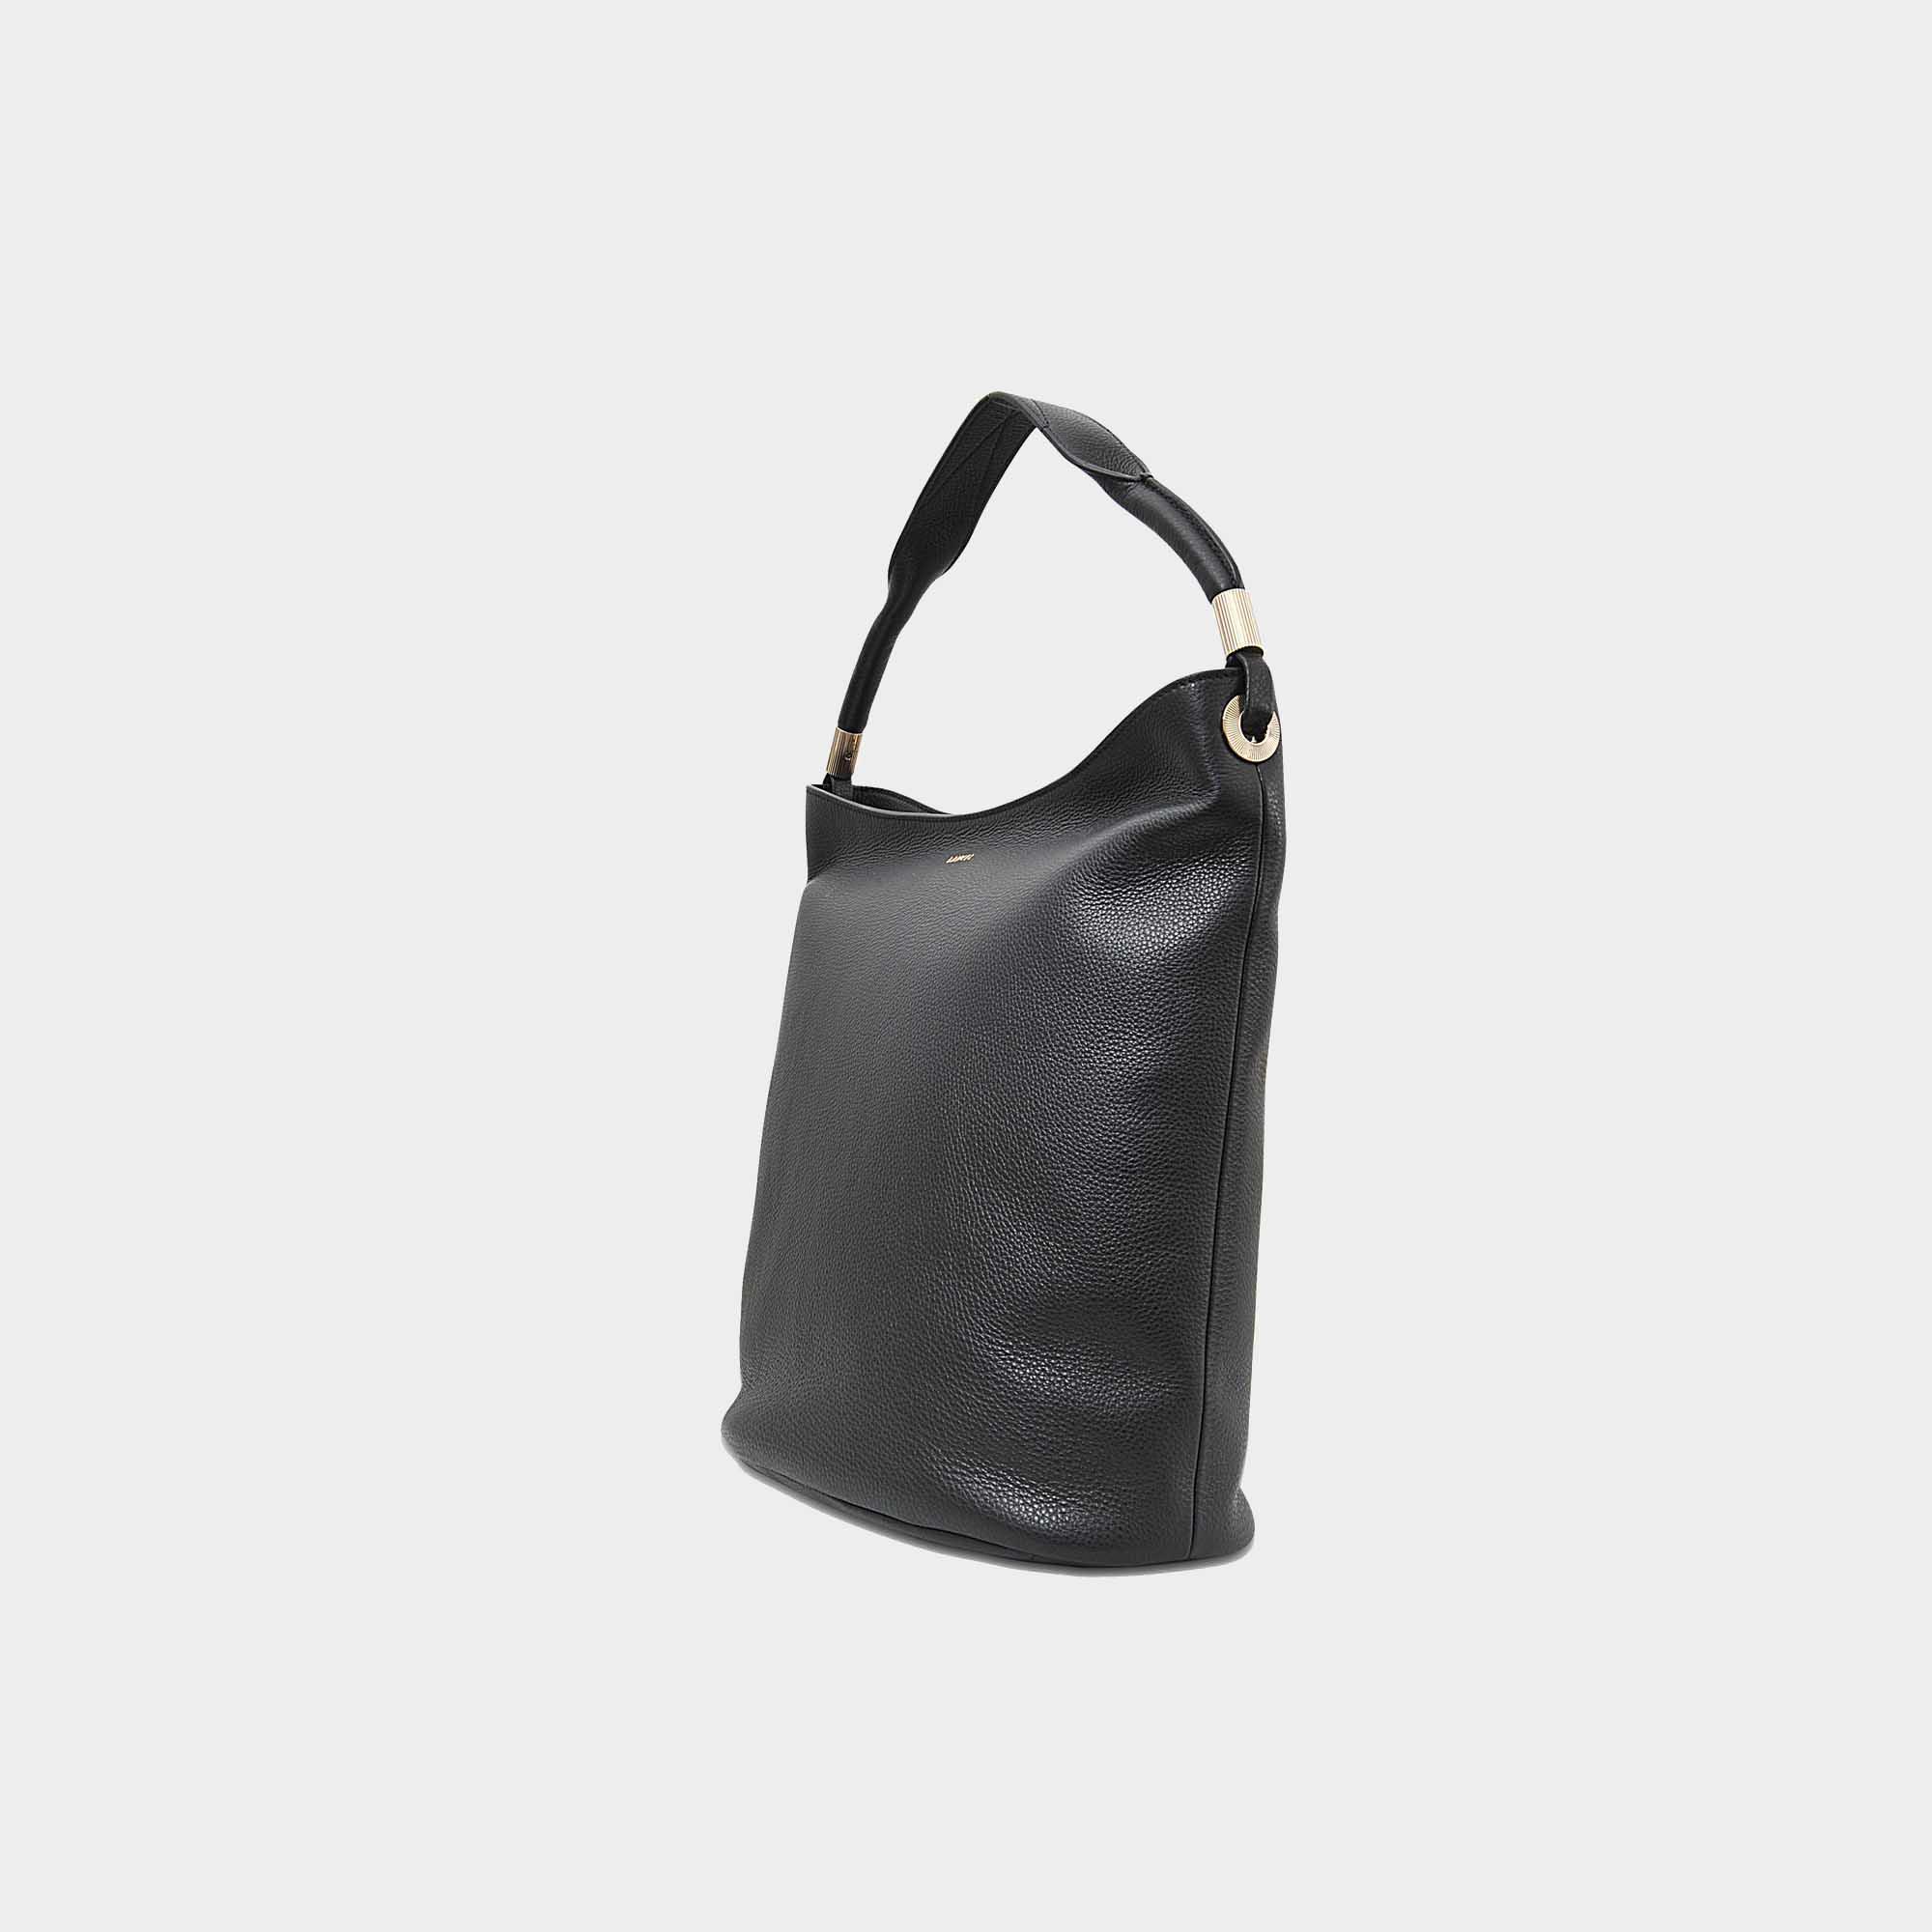 ef8ebbbb5218 Lancel - Black Flore Hobo Bag - Lyst. View fullscreen